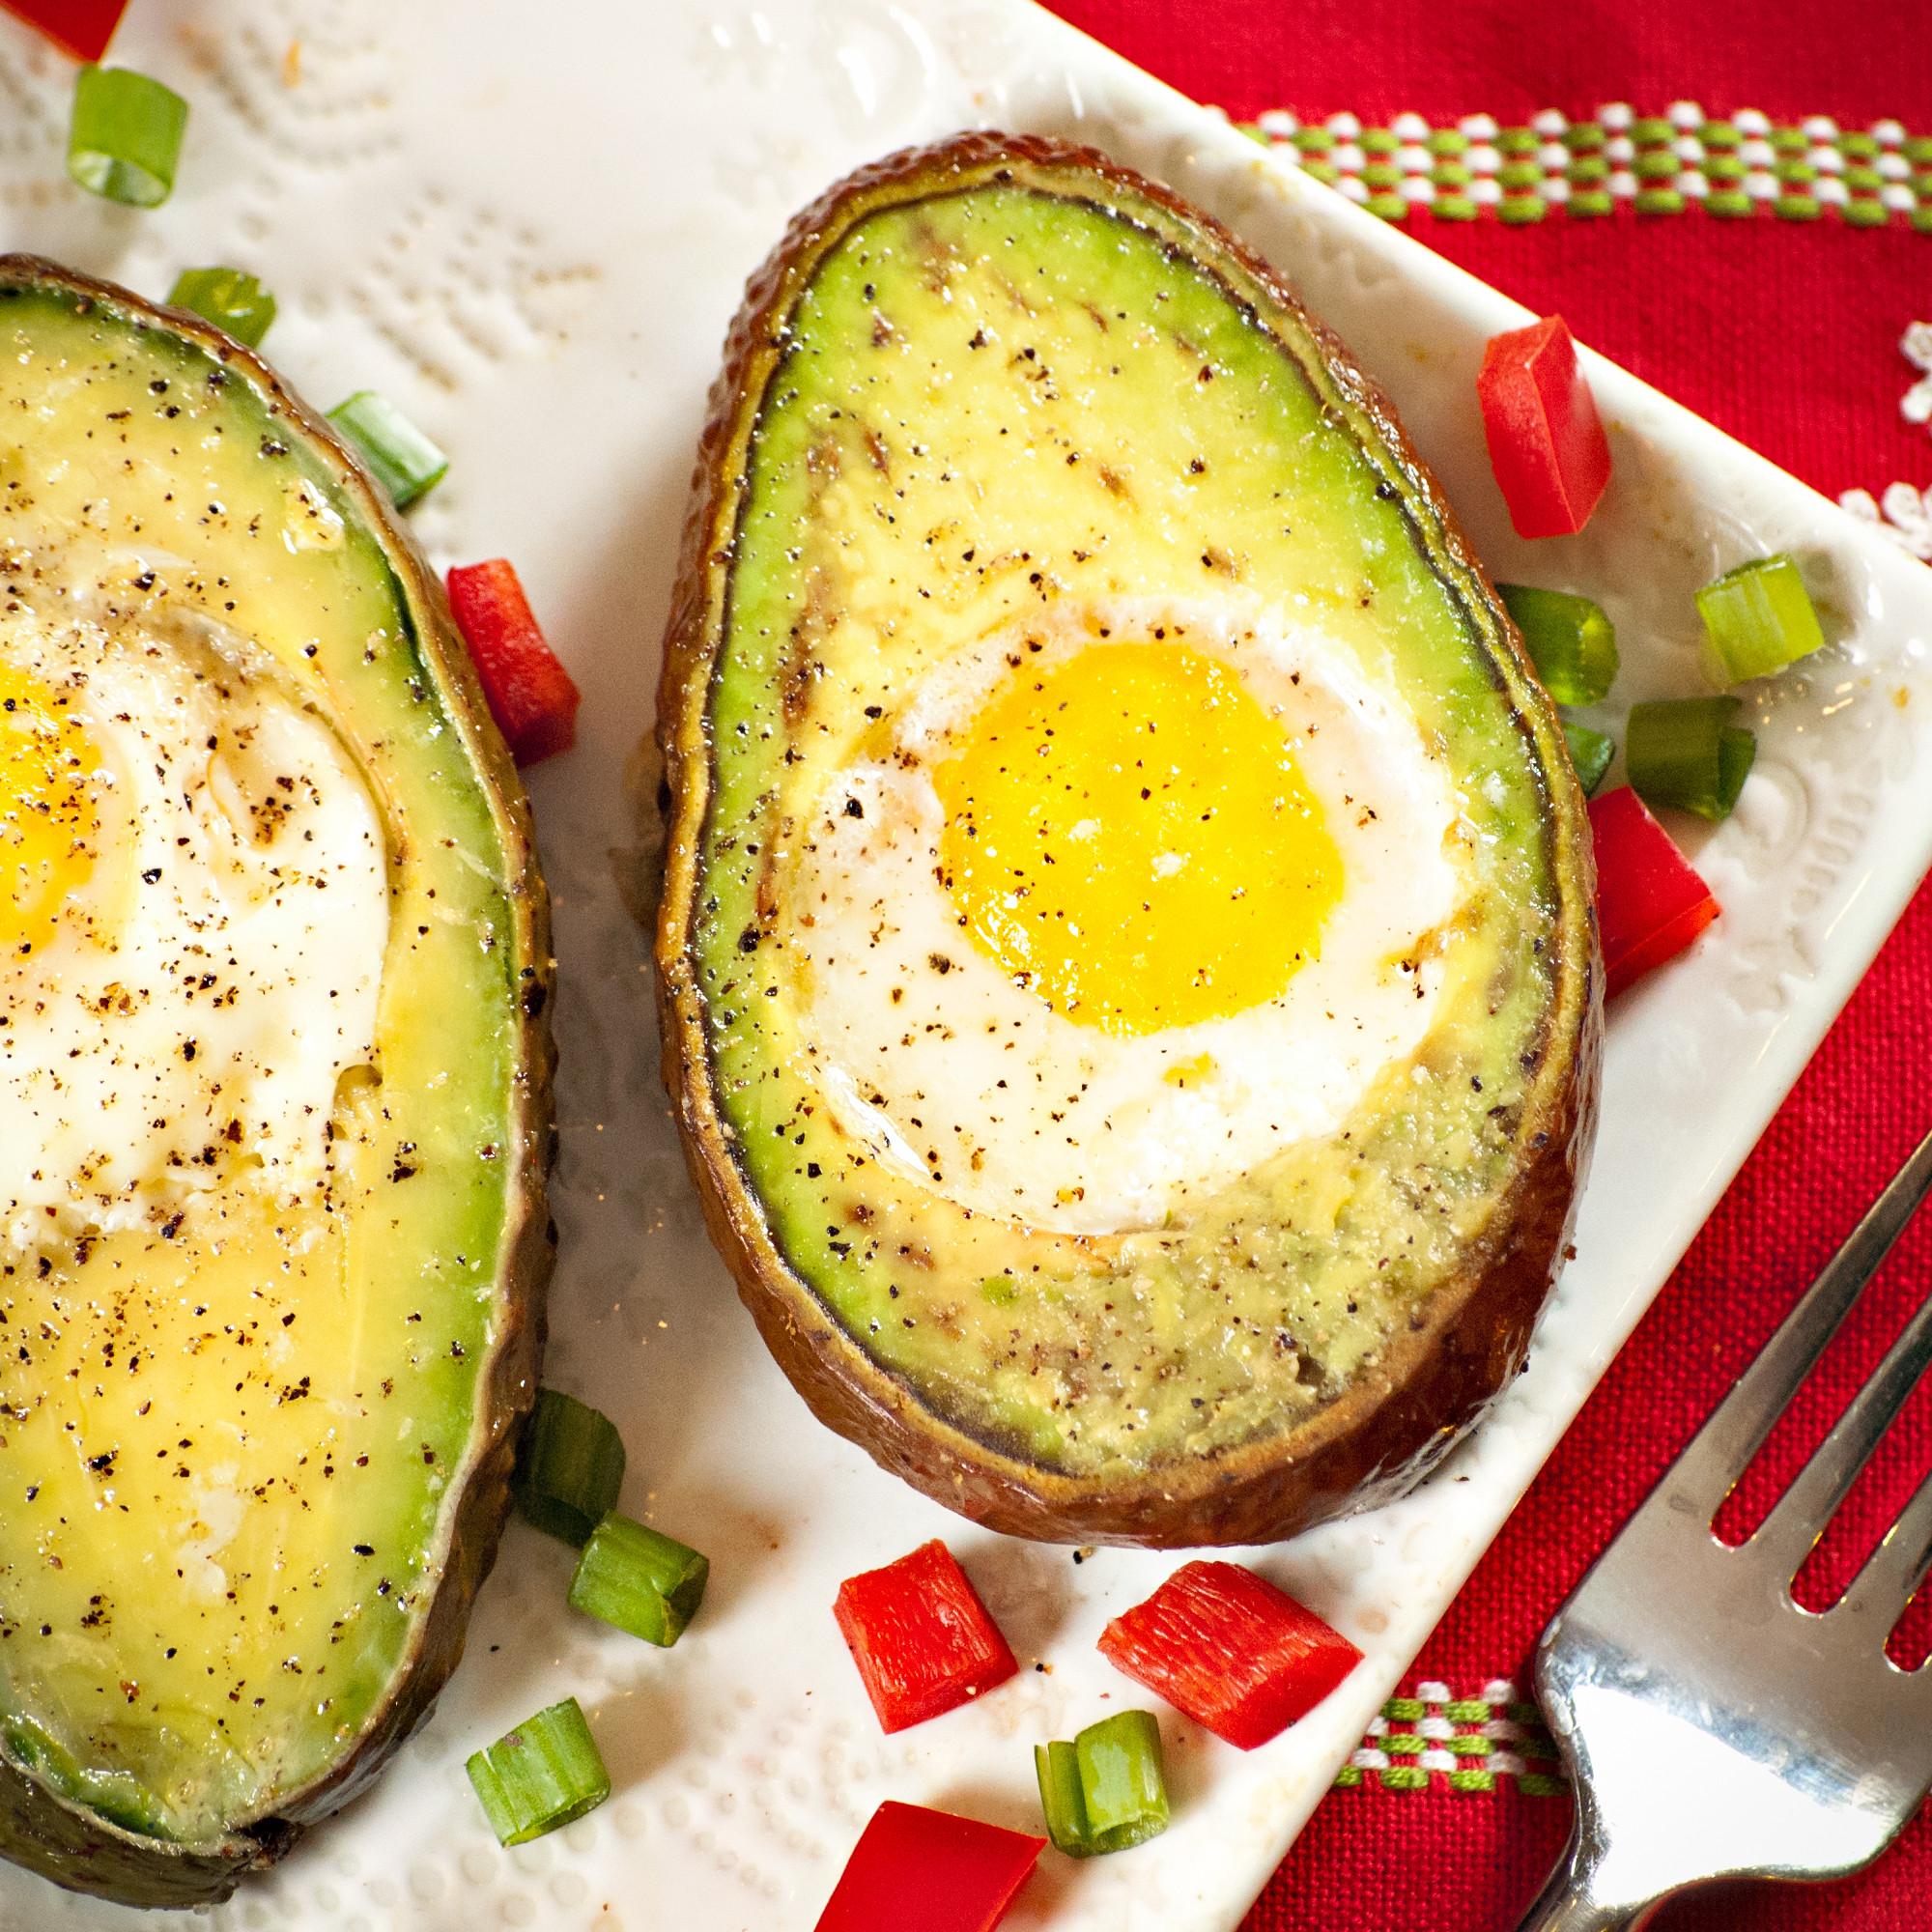 Avocado Breakfast Recipes  avocado recipes